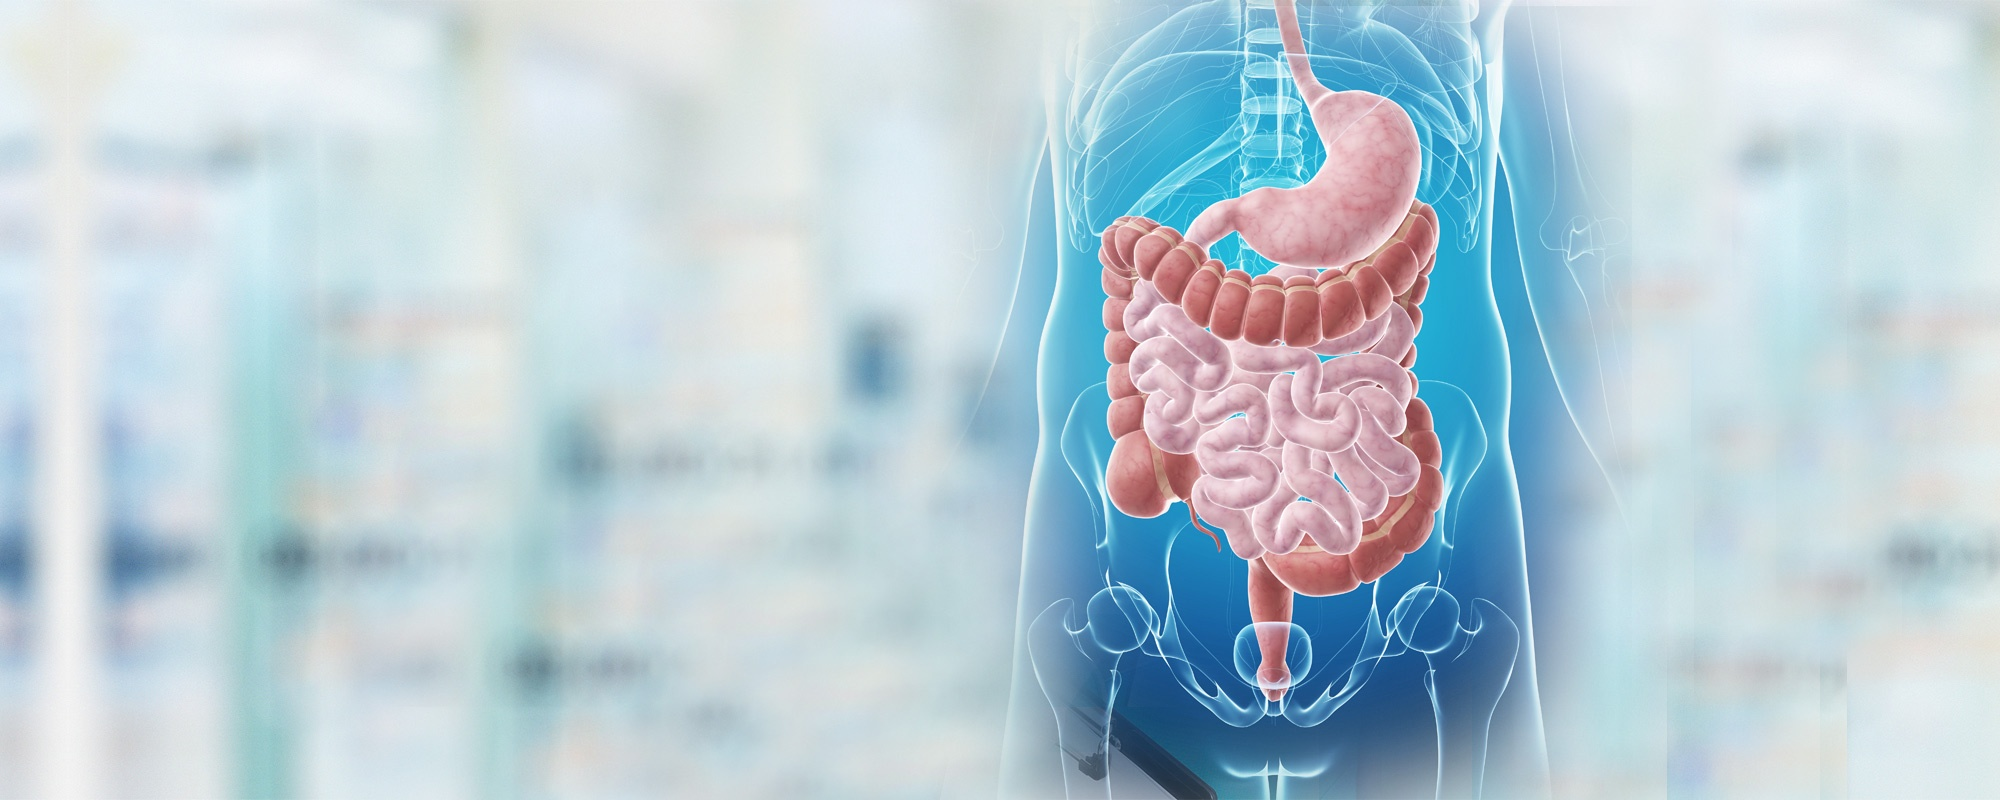 Gastroenterology Medicine Department